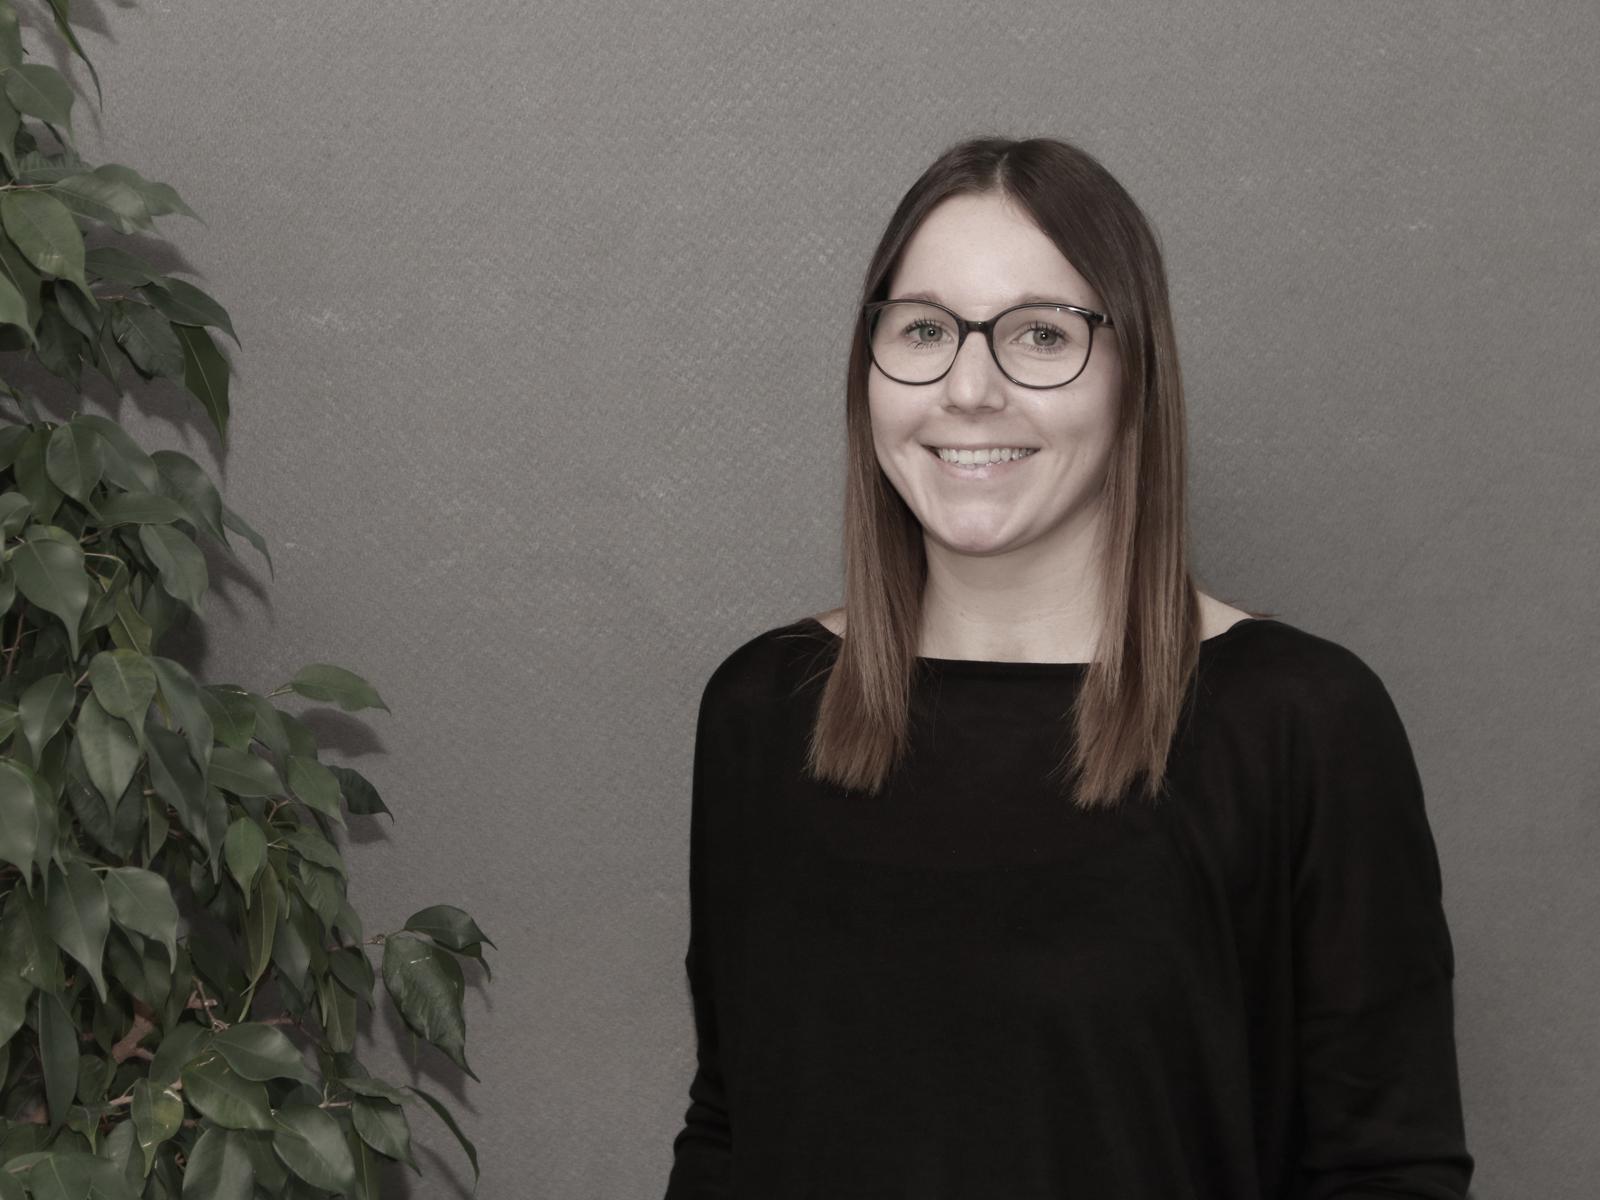 Porträt Frau Jessica Mayer